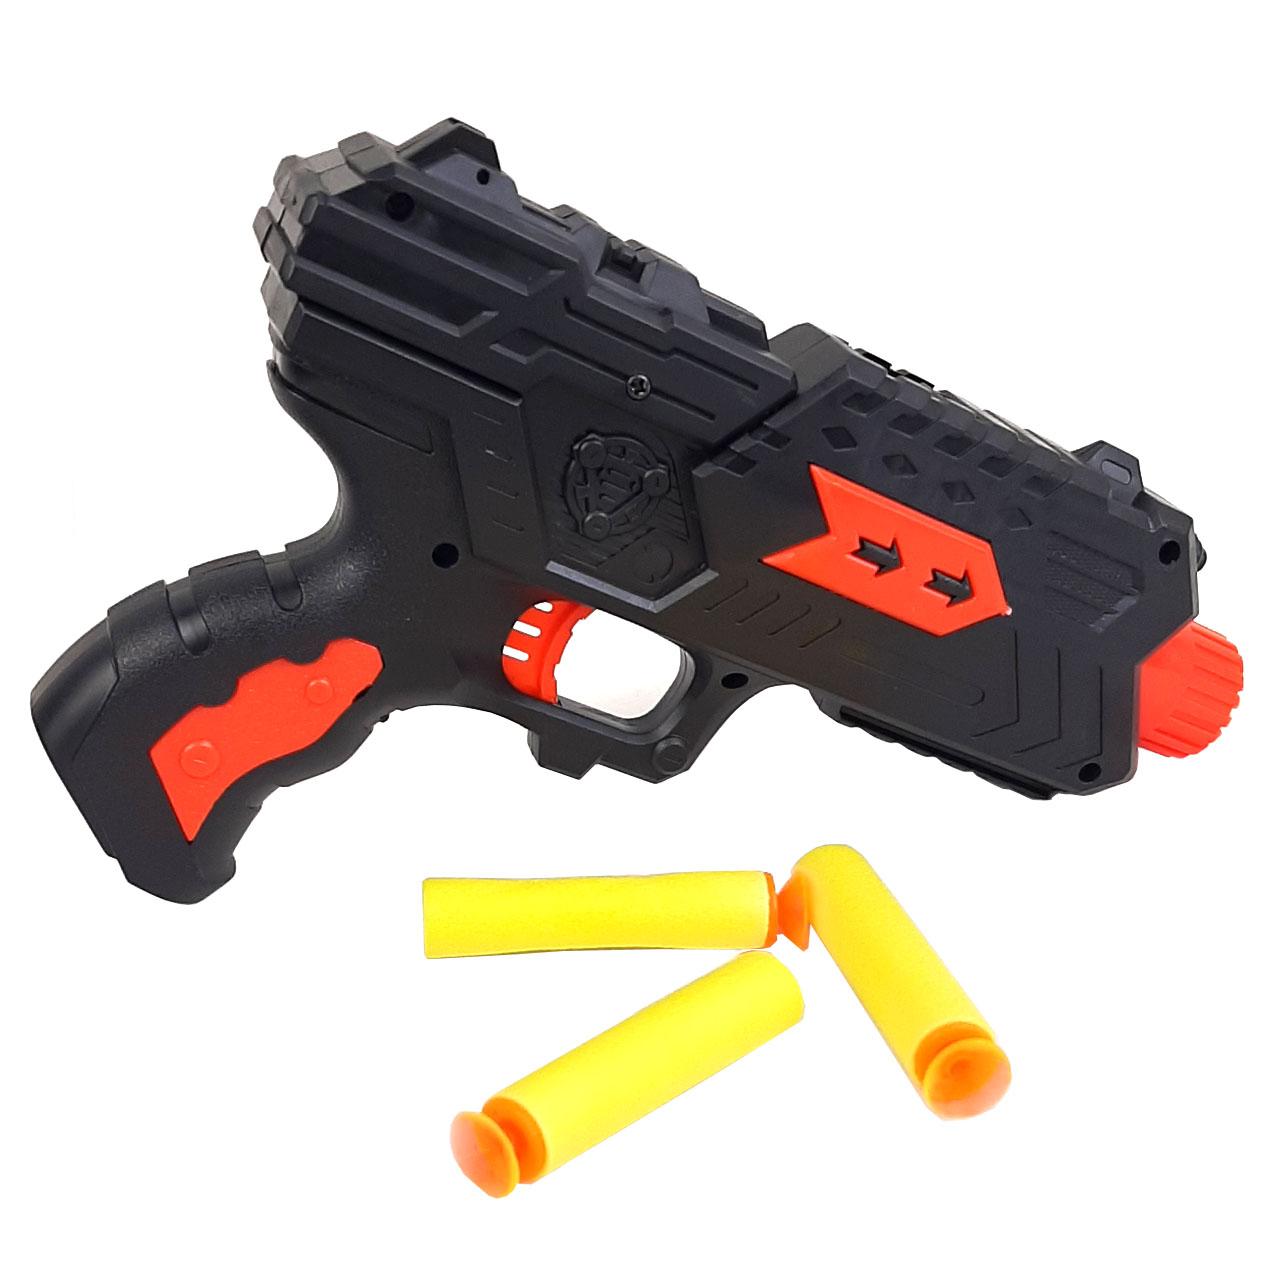 خرید                     تفنگ بازی دونگ کای طرح کلت کد 0156